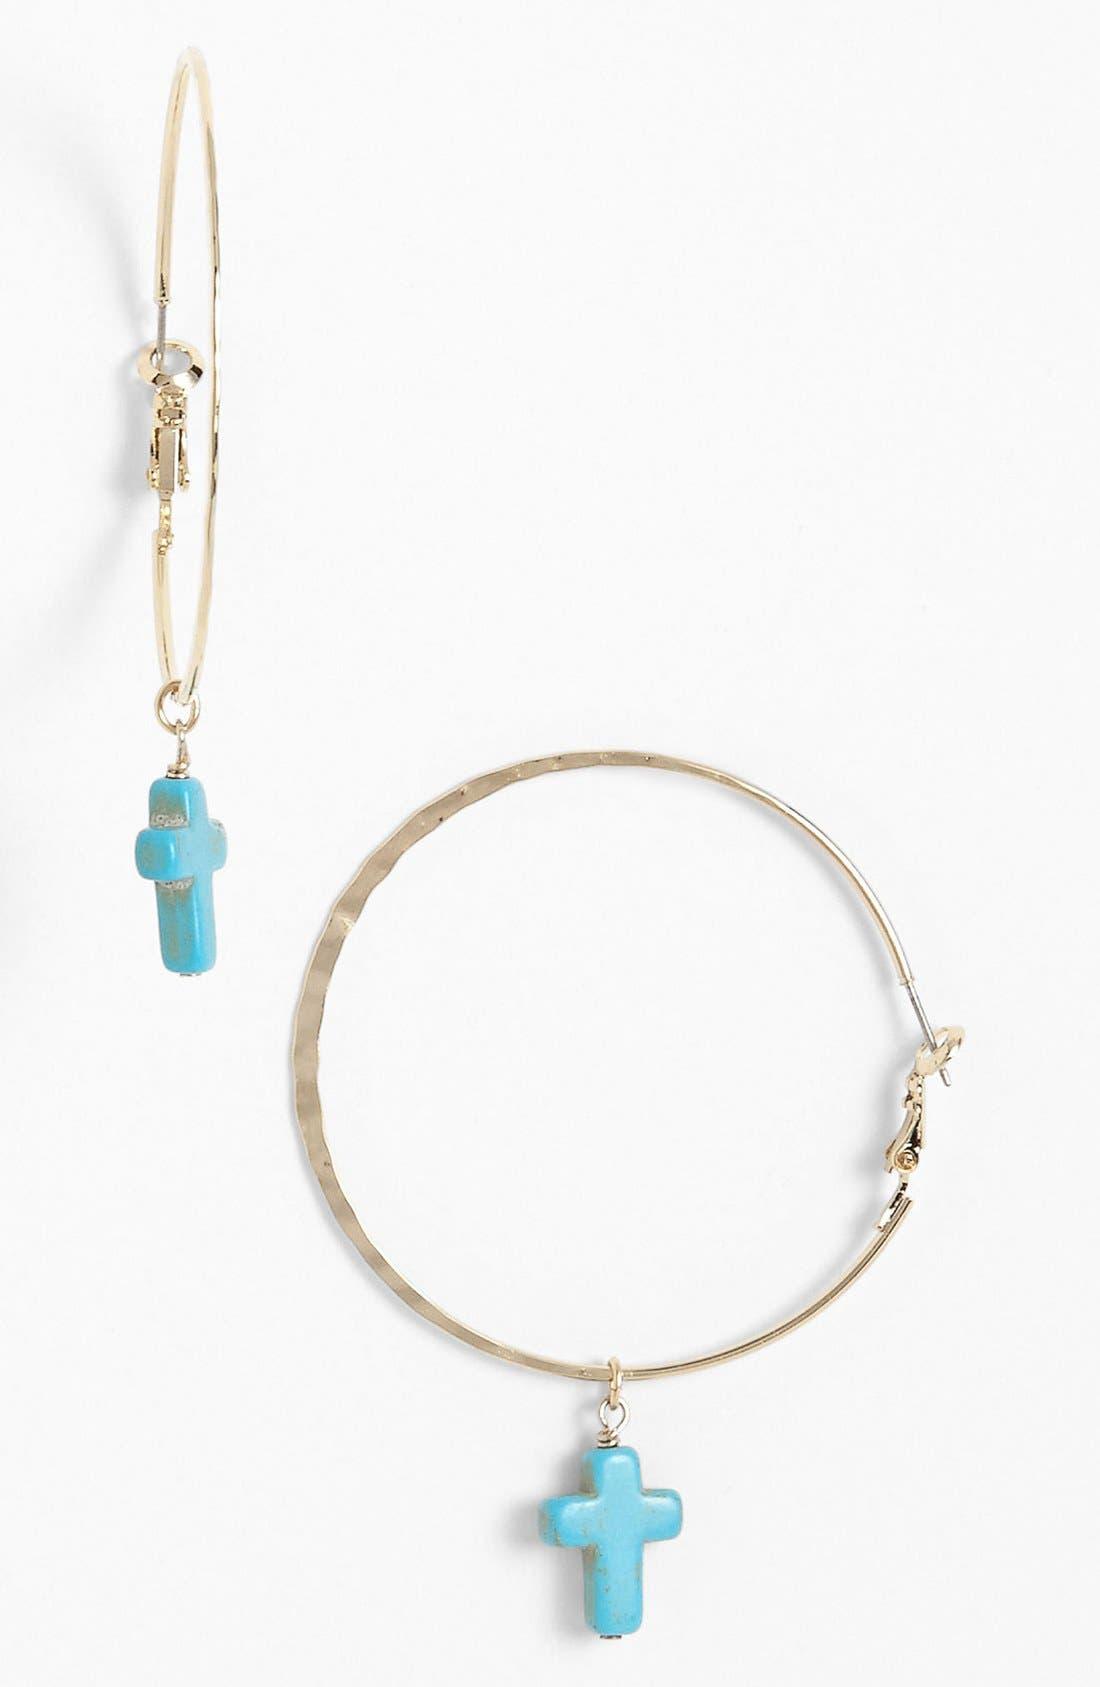 Main Image - Rachel Cross Charm Hoop Earrings